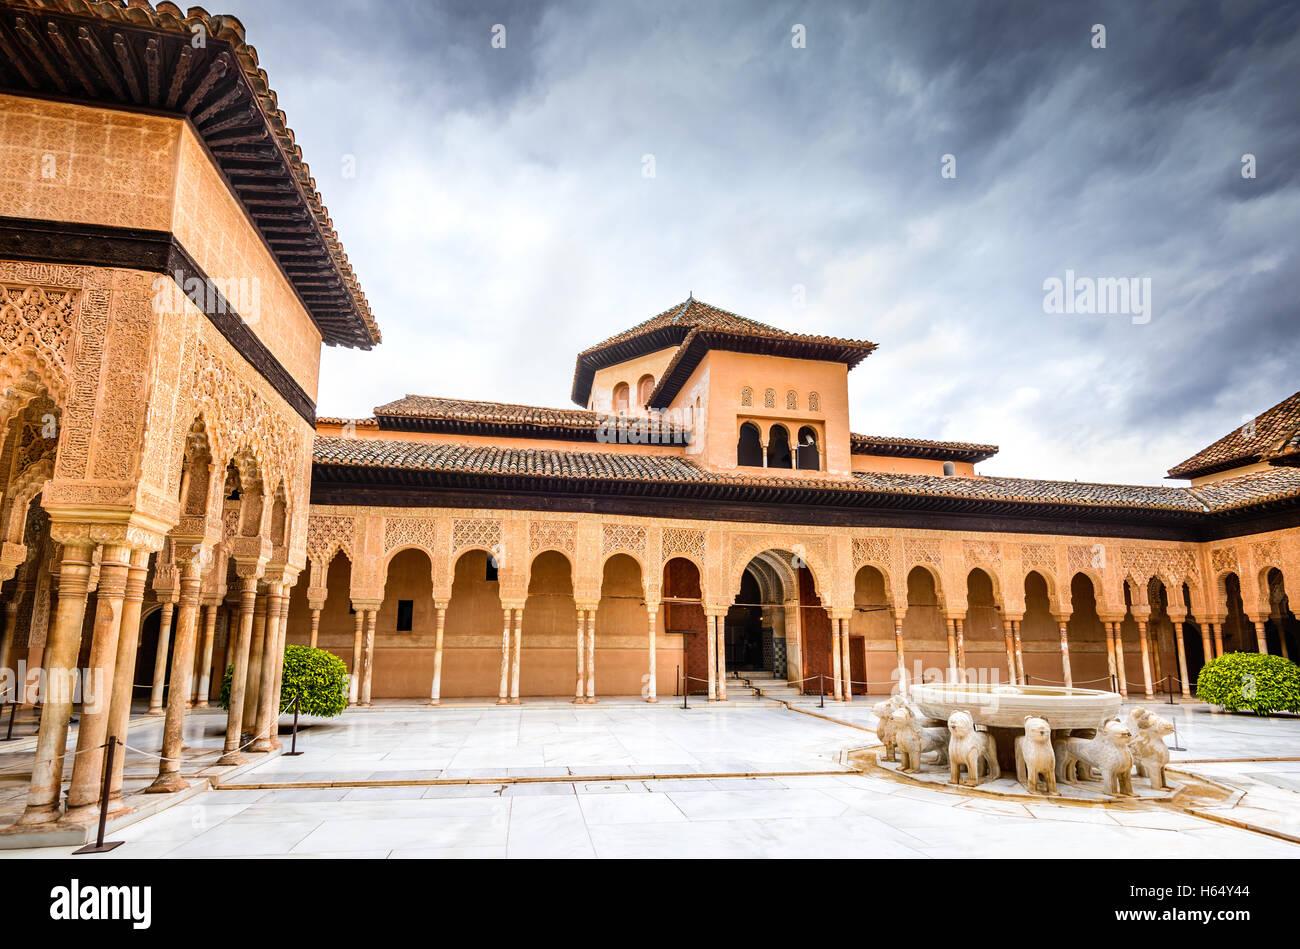 Granada, Espagne. Patio de los Leones dans Alhambra de Grenade, l'un des monuments les plus connus en Espagne. Photo Stock